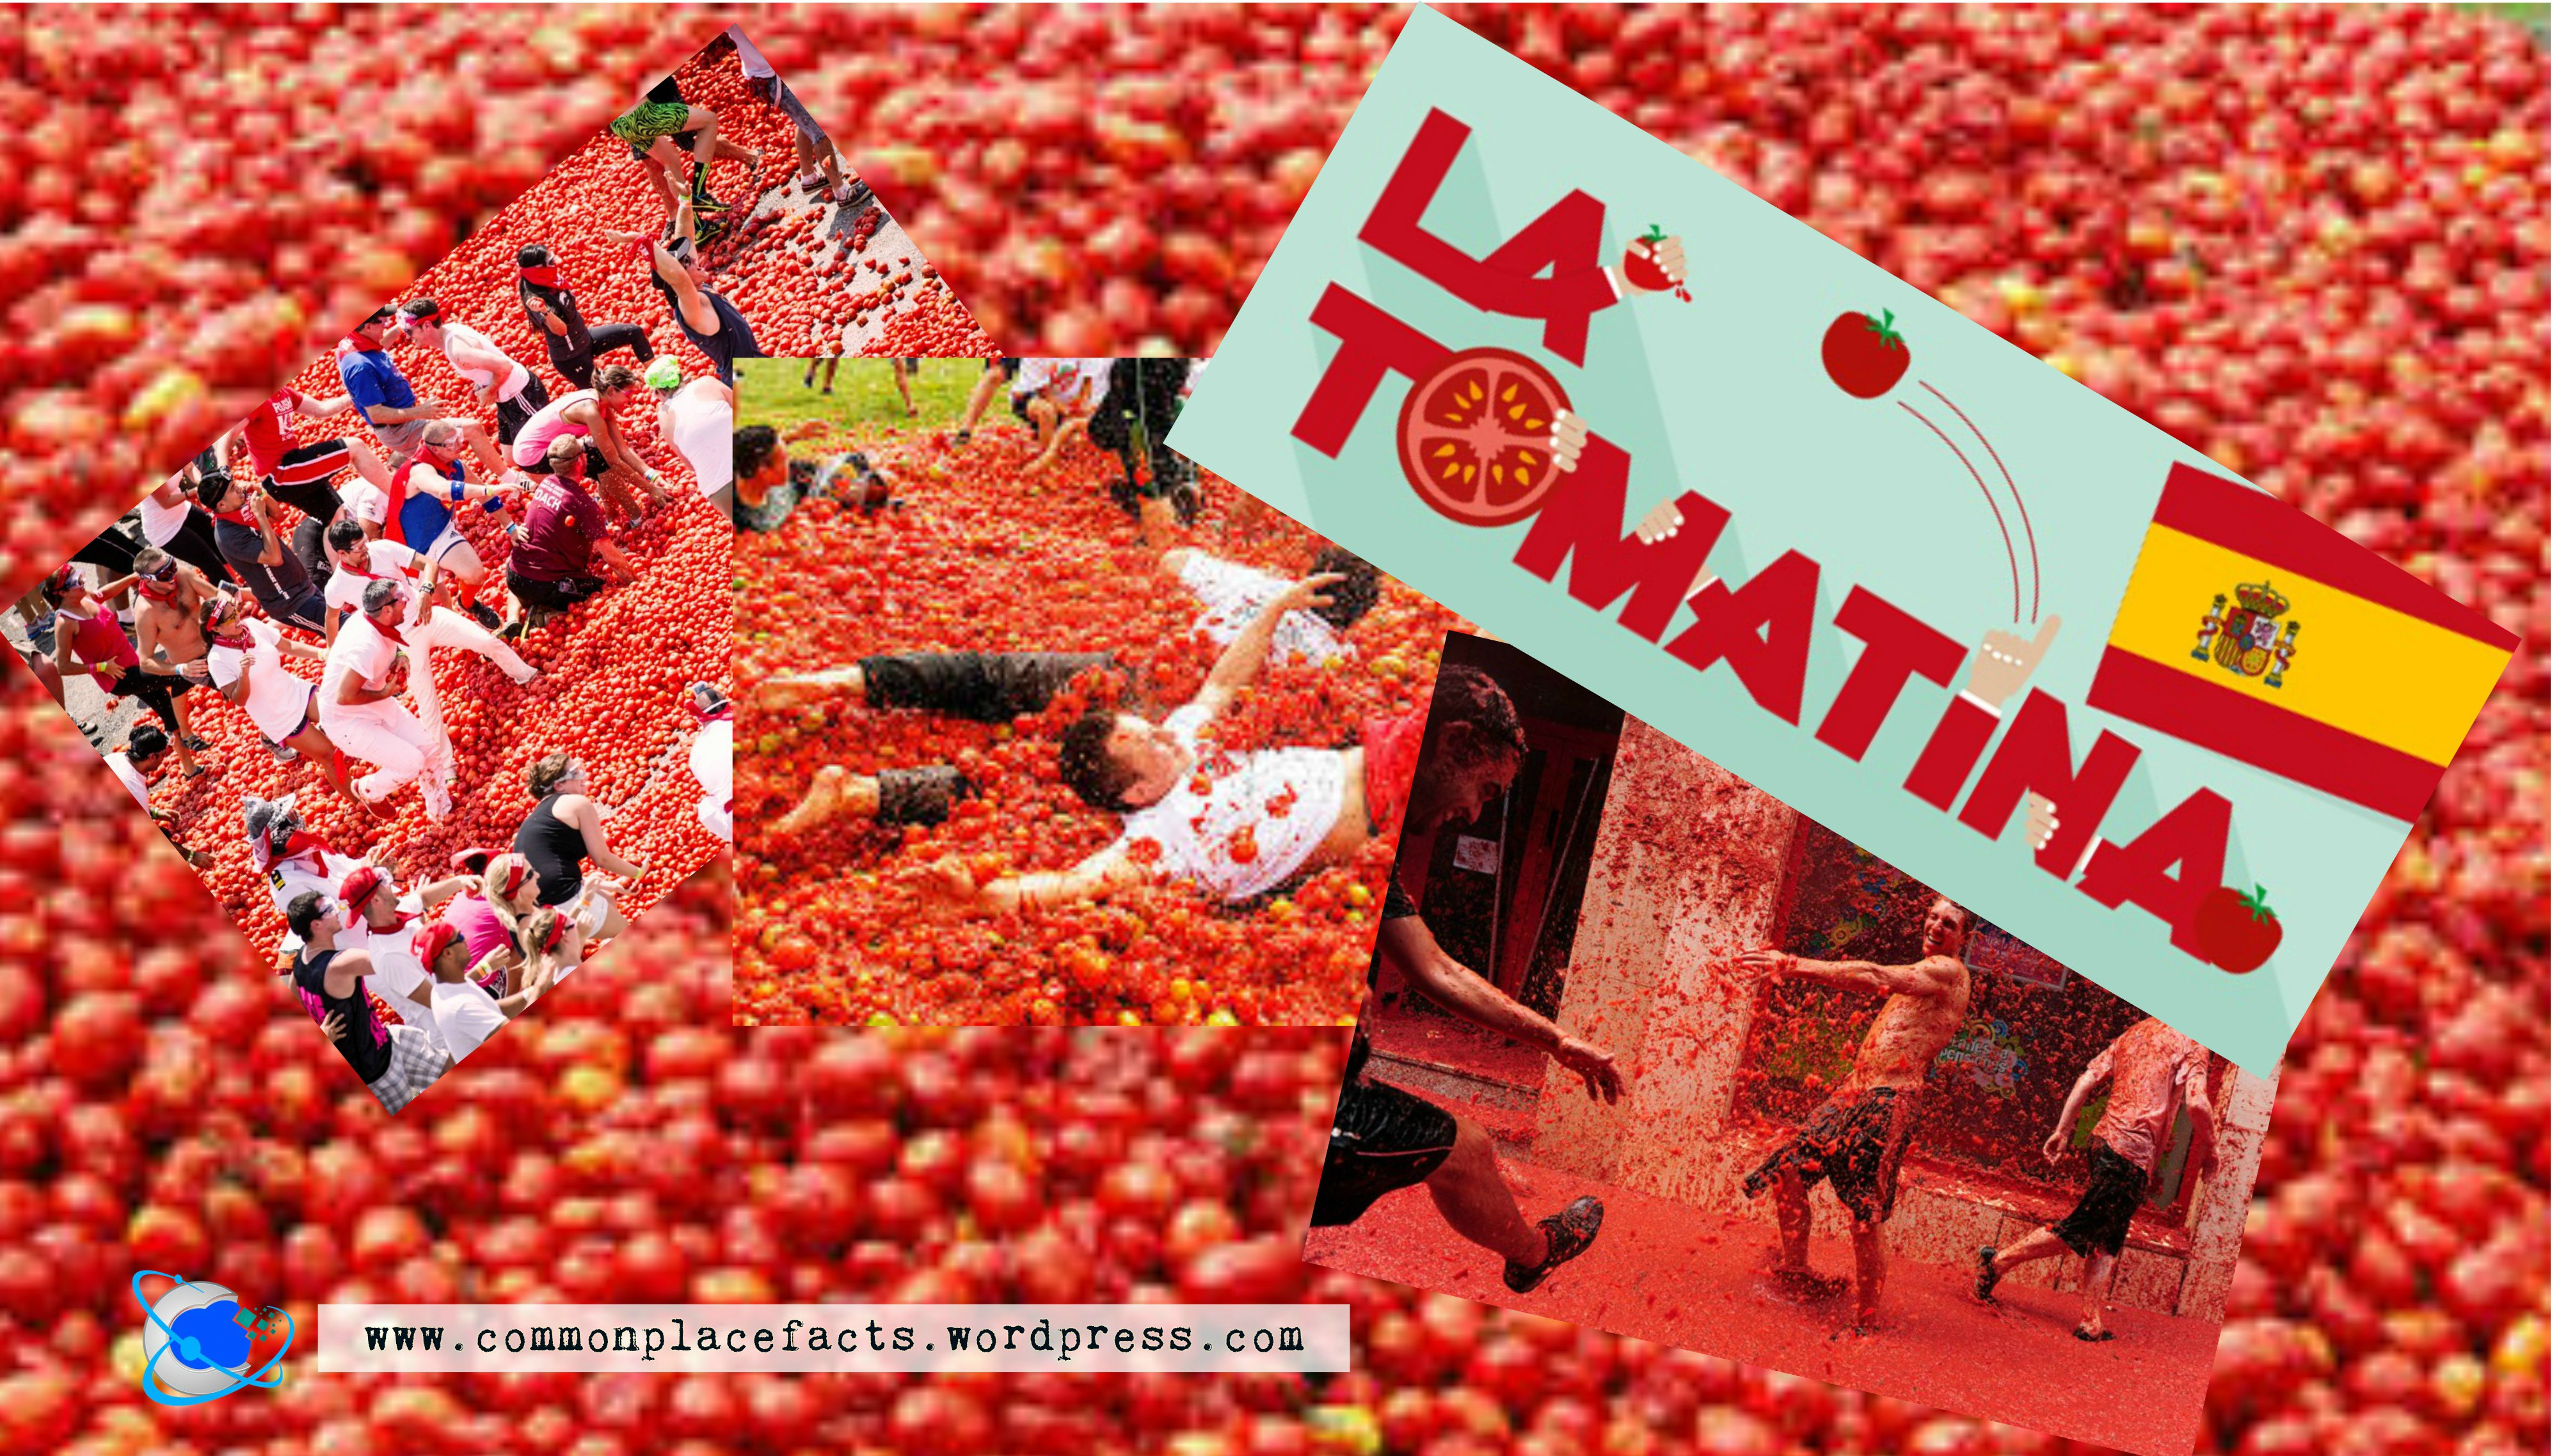 La Tomatina Facts